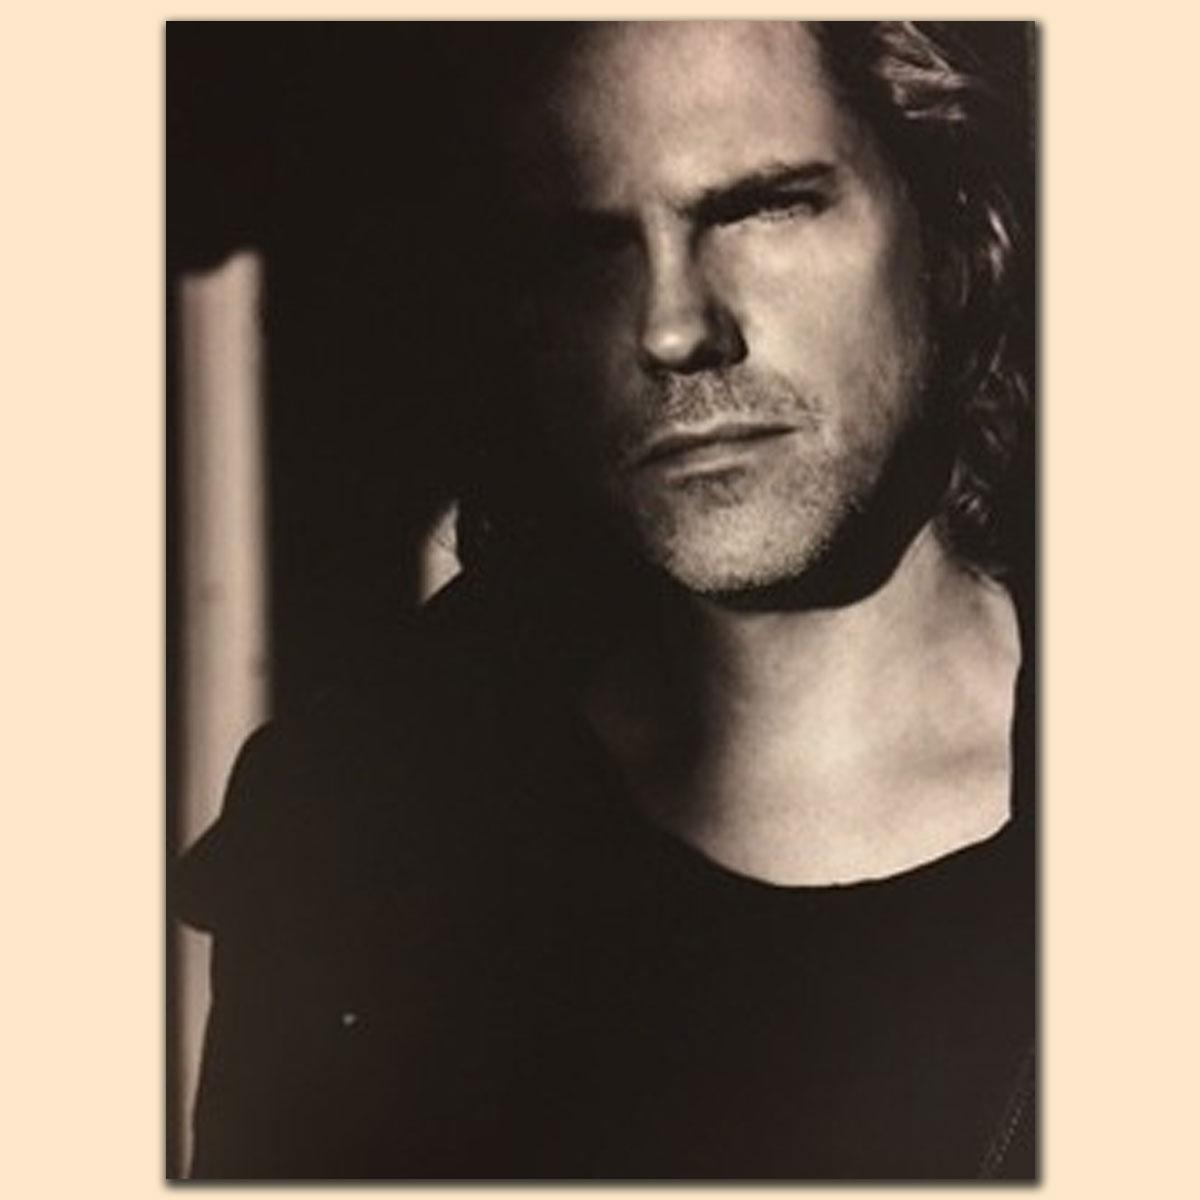 Jasper Steverlinck Poster Face